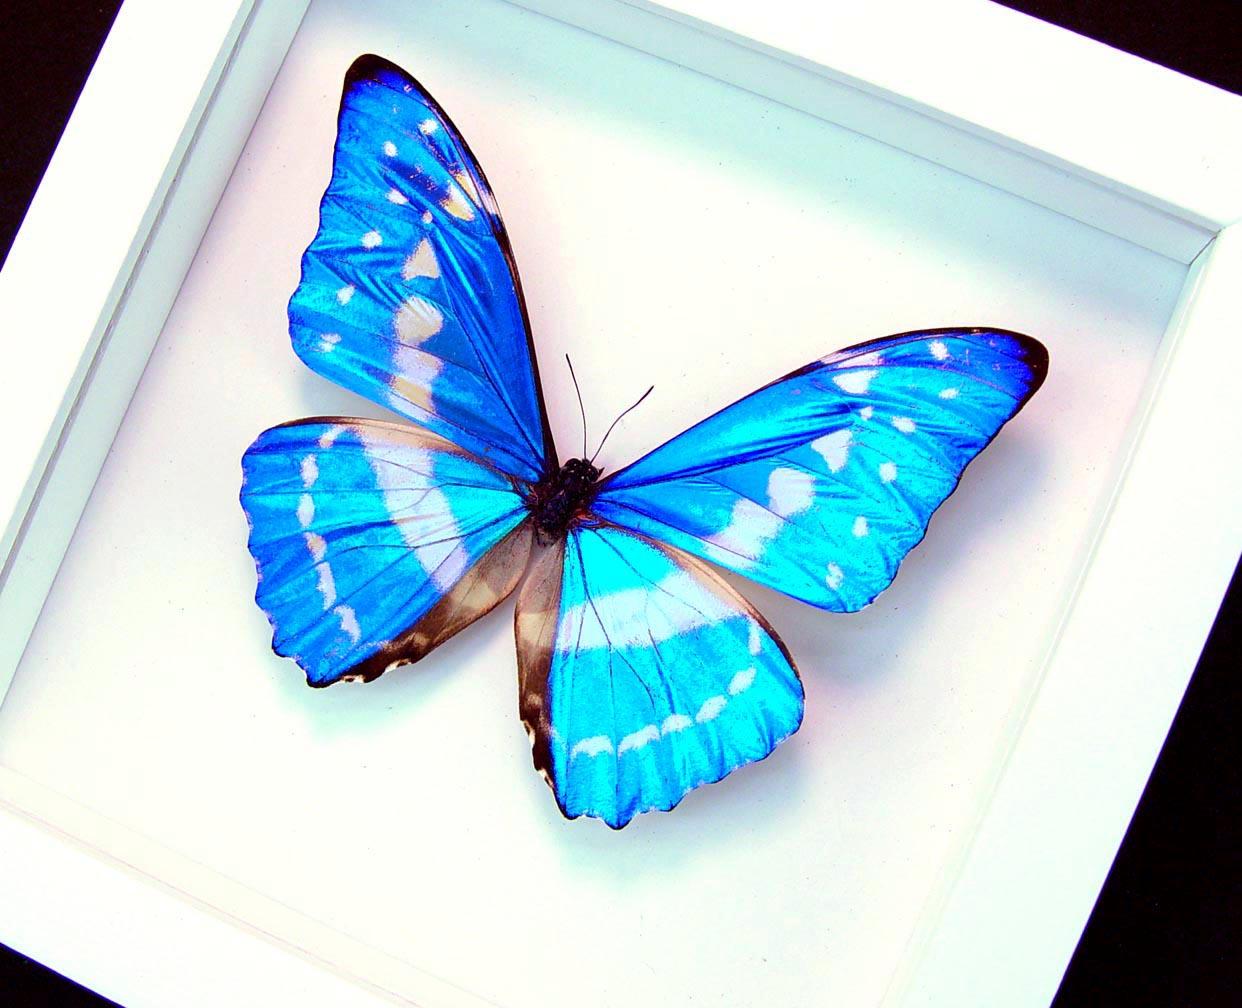 Morpho cypris Blue Morpho Butterfly Vibrant White Display